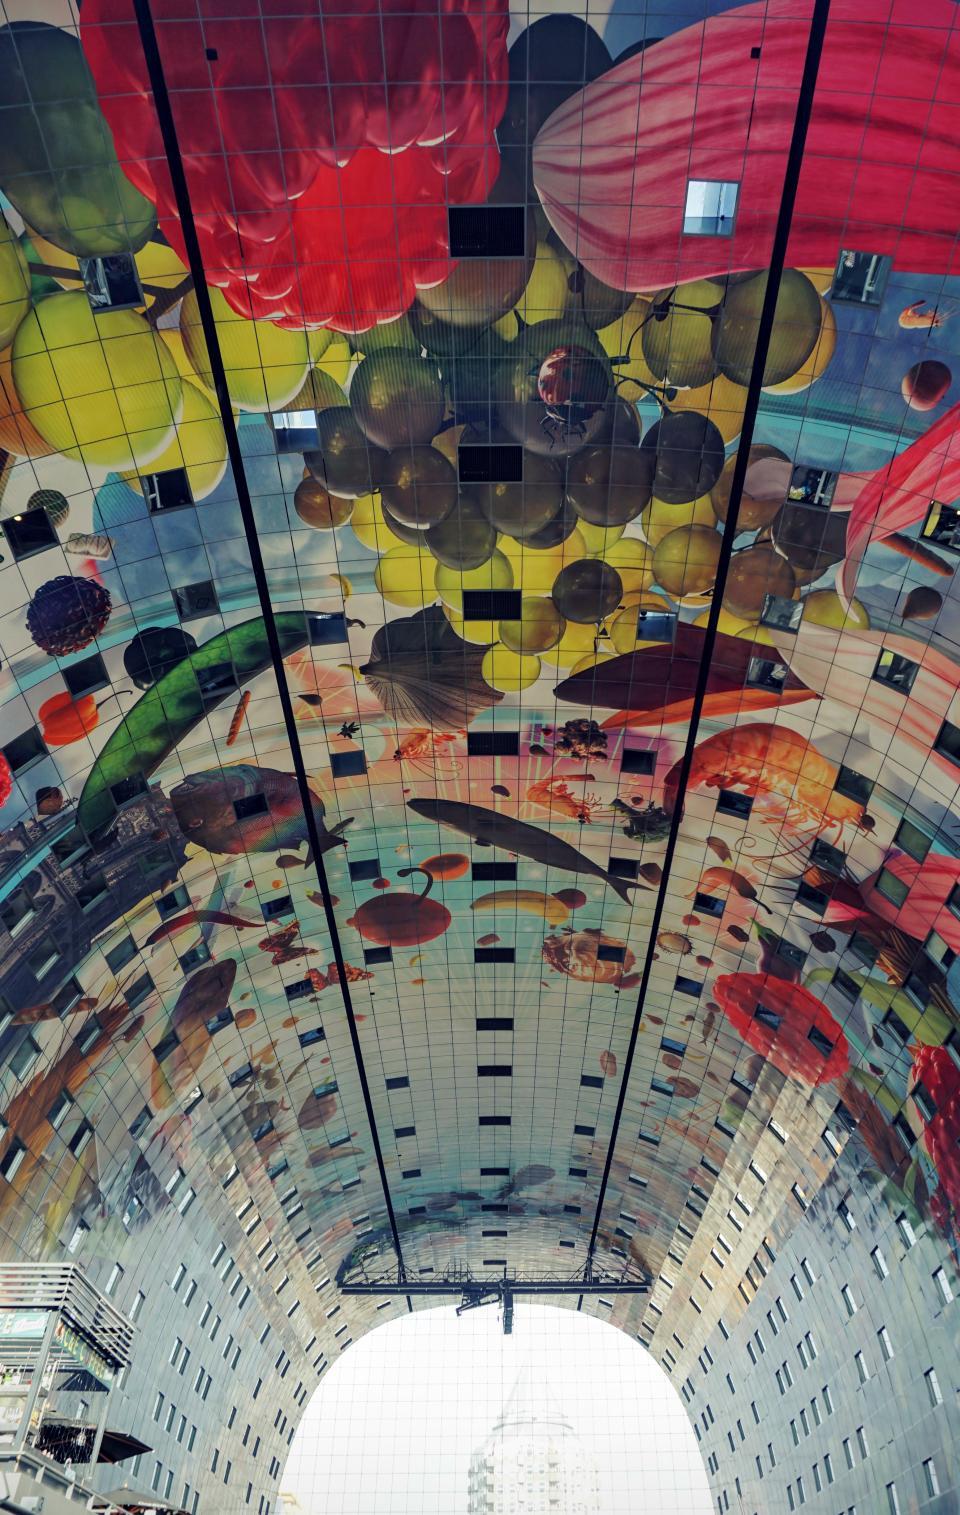 architecture building infrastructure structure establishment building ceiling roof art design